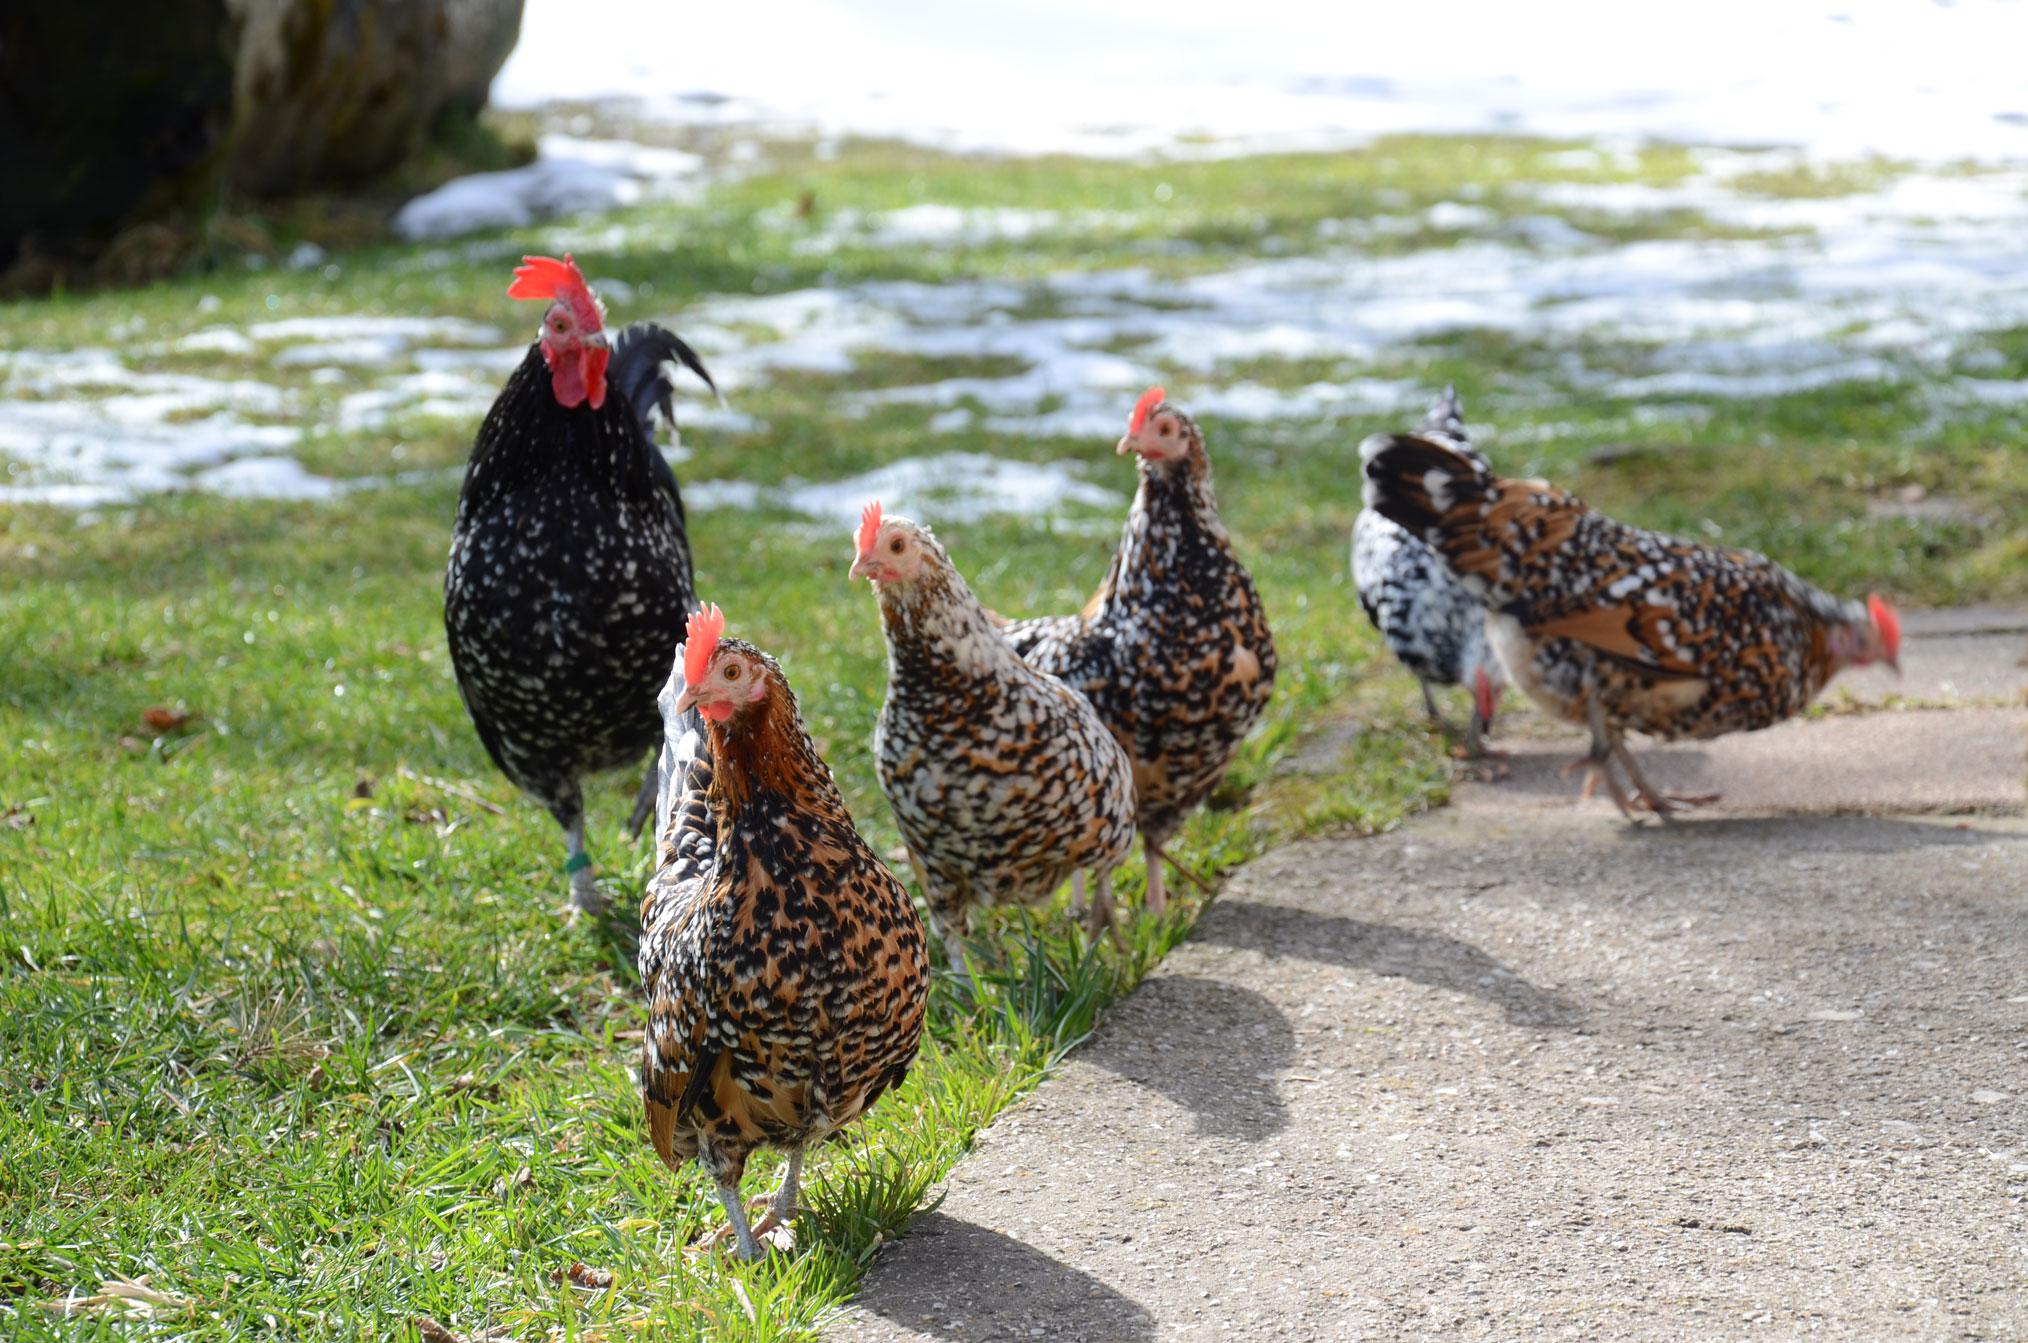 Kempichlhof - Bio Fleisch von Lamm und Kitz, Bio Eier, Schaf- und Ziegenfelle